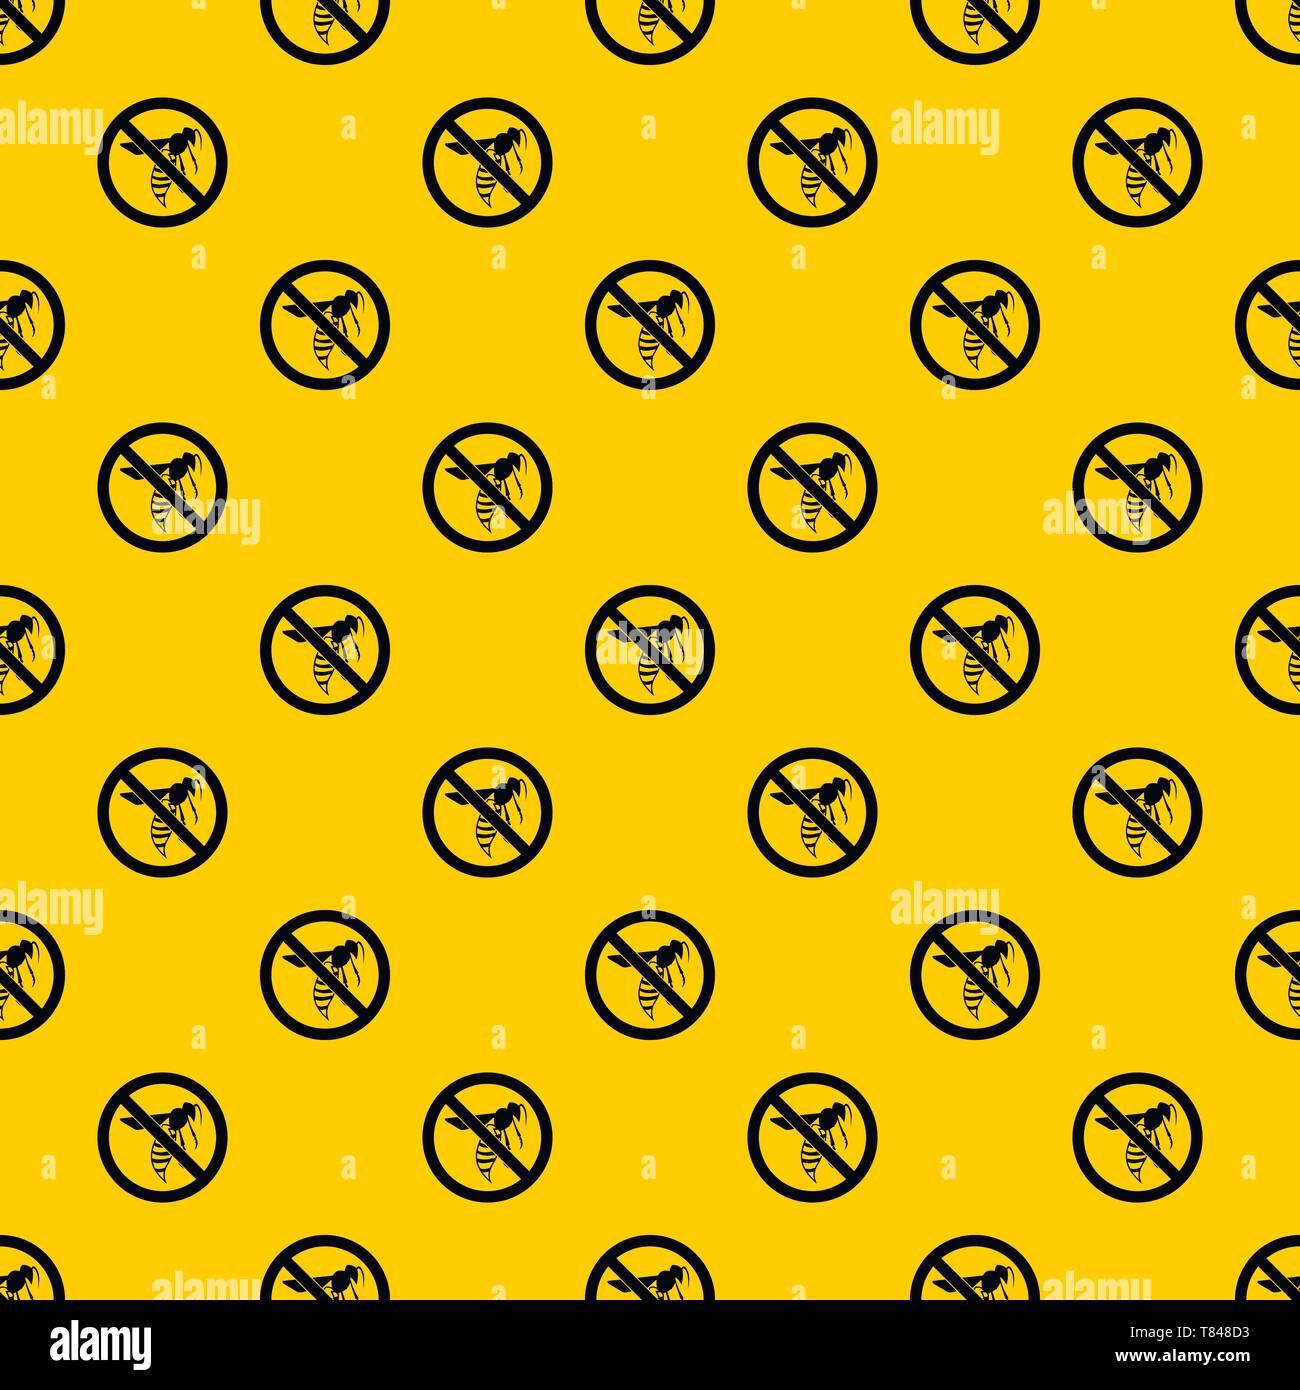 No wasp sign pattern vector - Stock Image